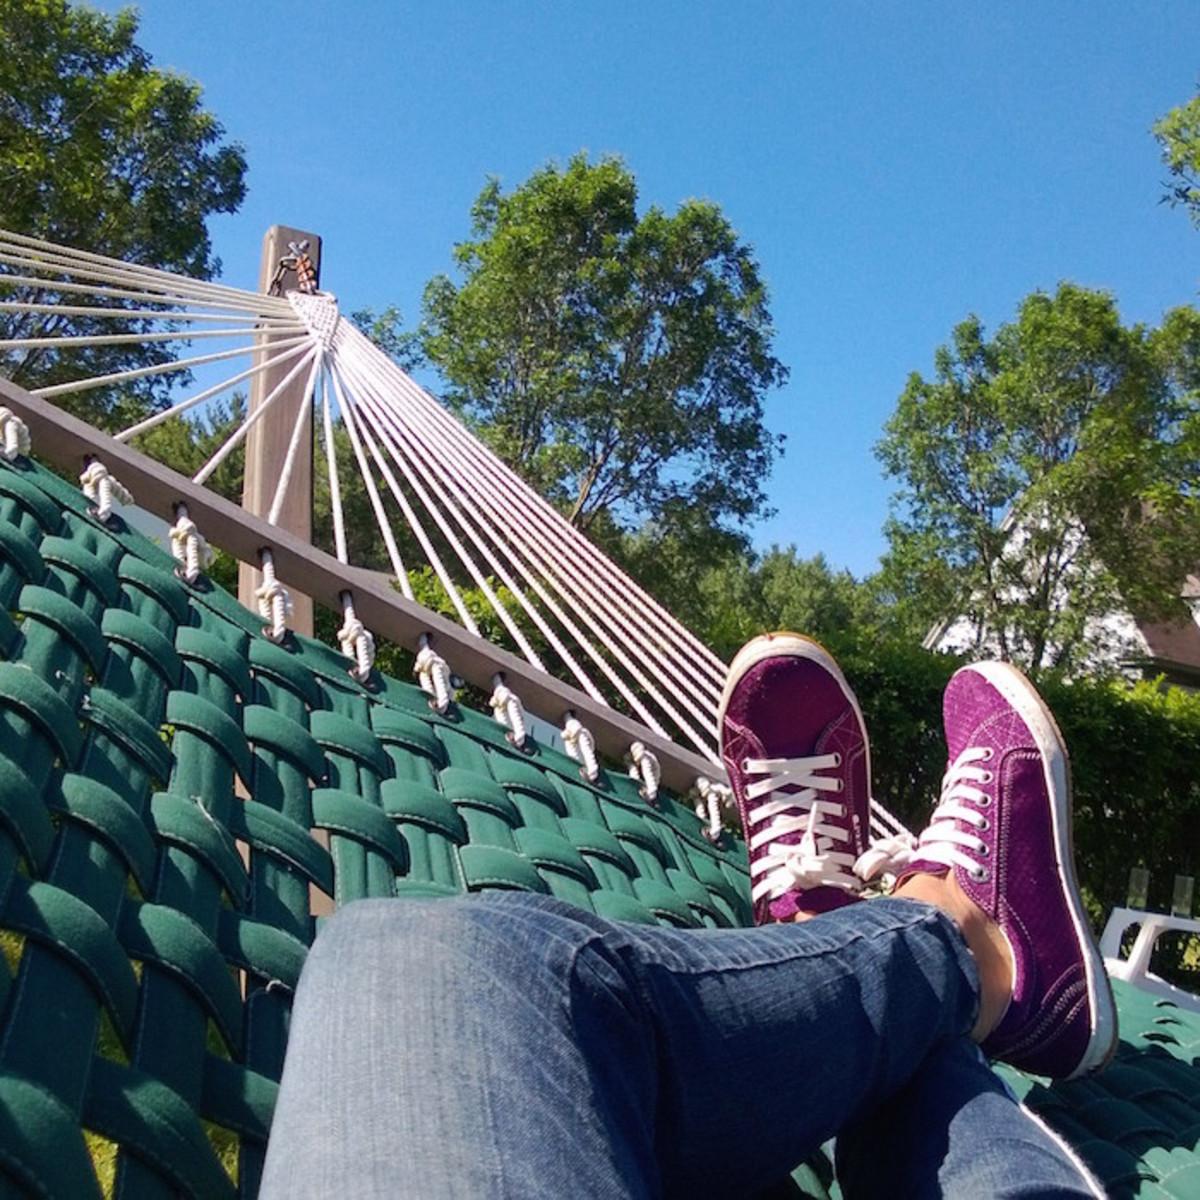 hammock chillax